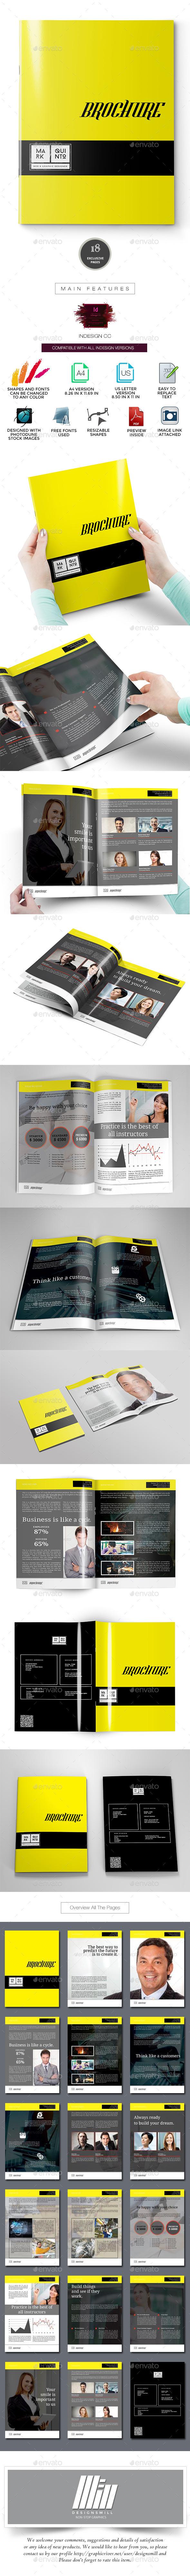 Marvelous Yellow Brochure Template - Corporate Brochures